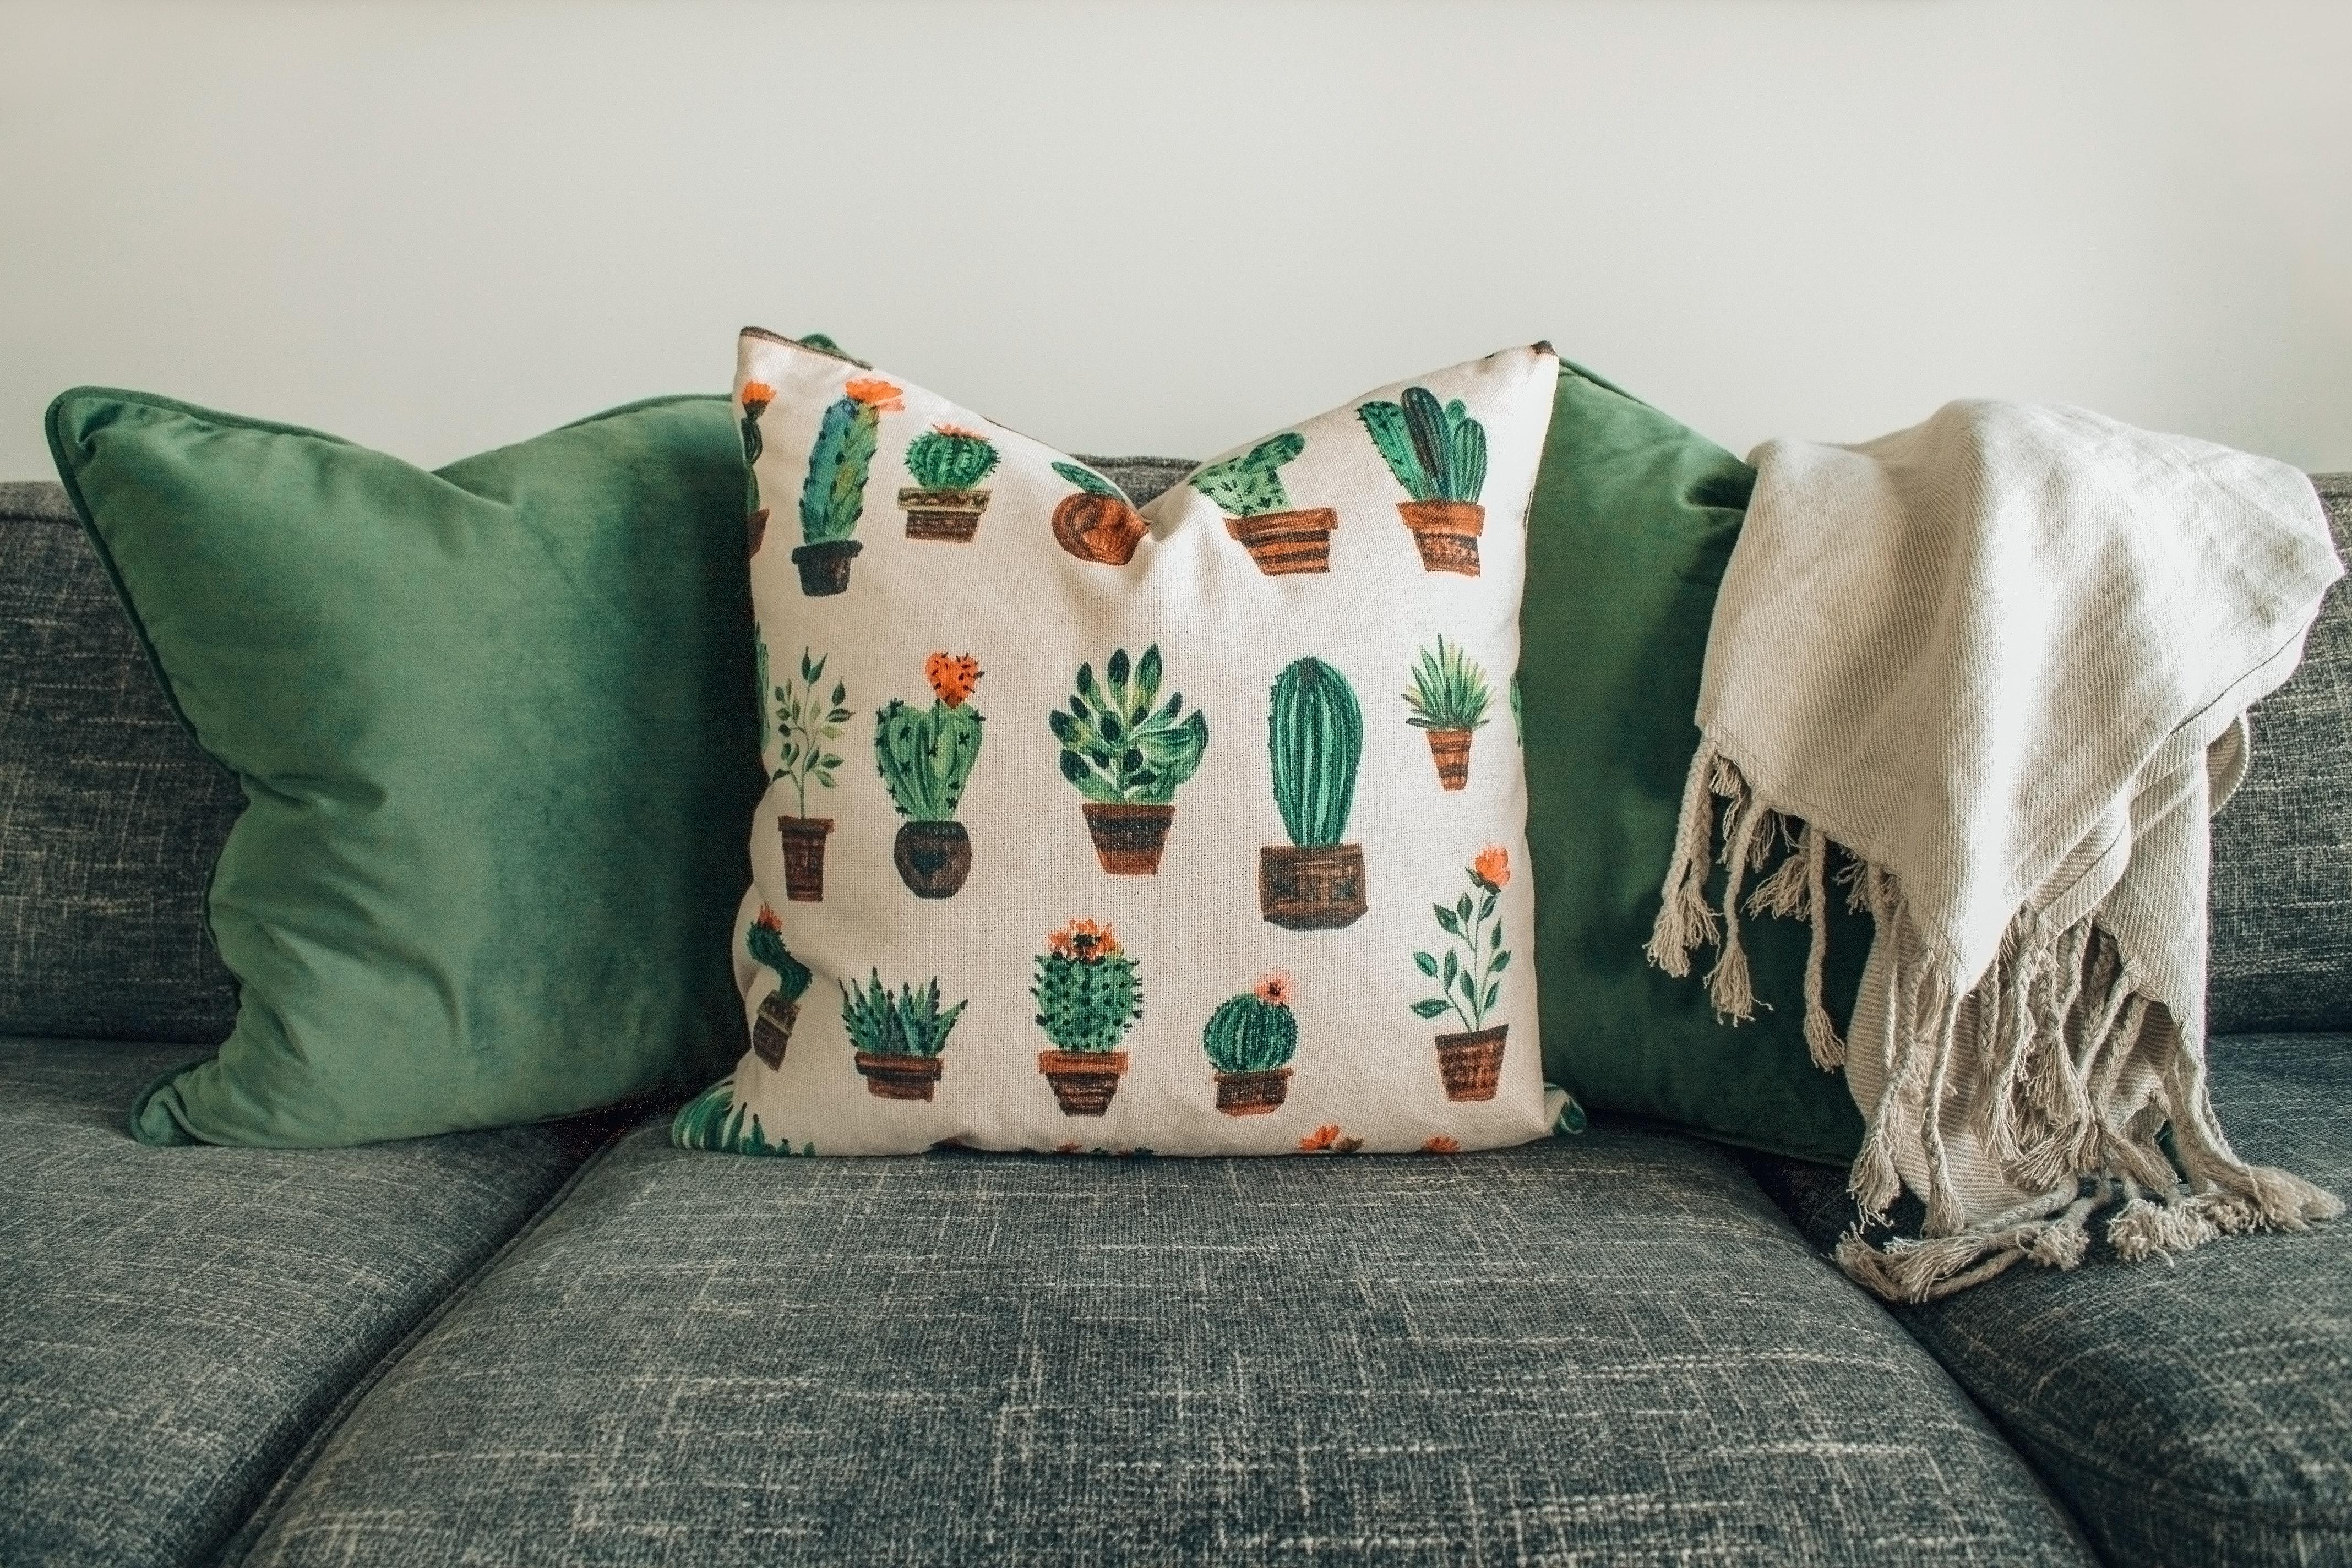 blanket-comfort-comfortable-1248583